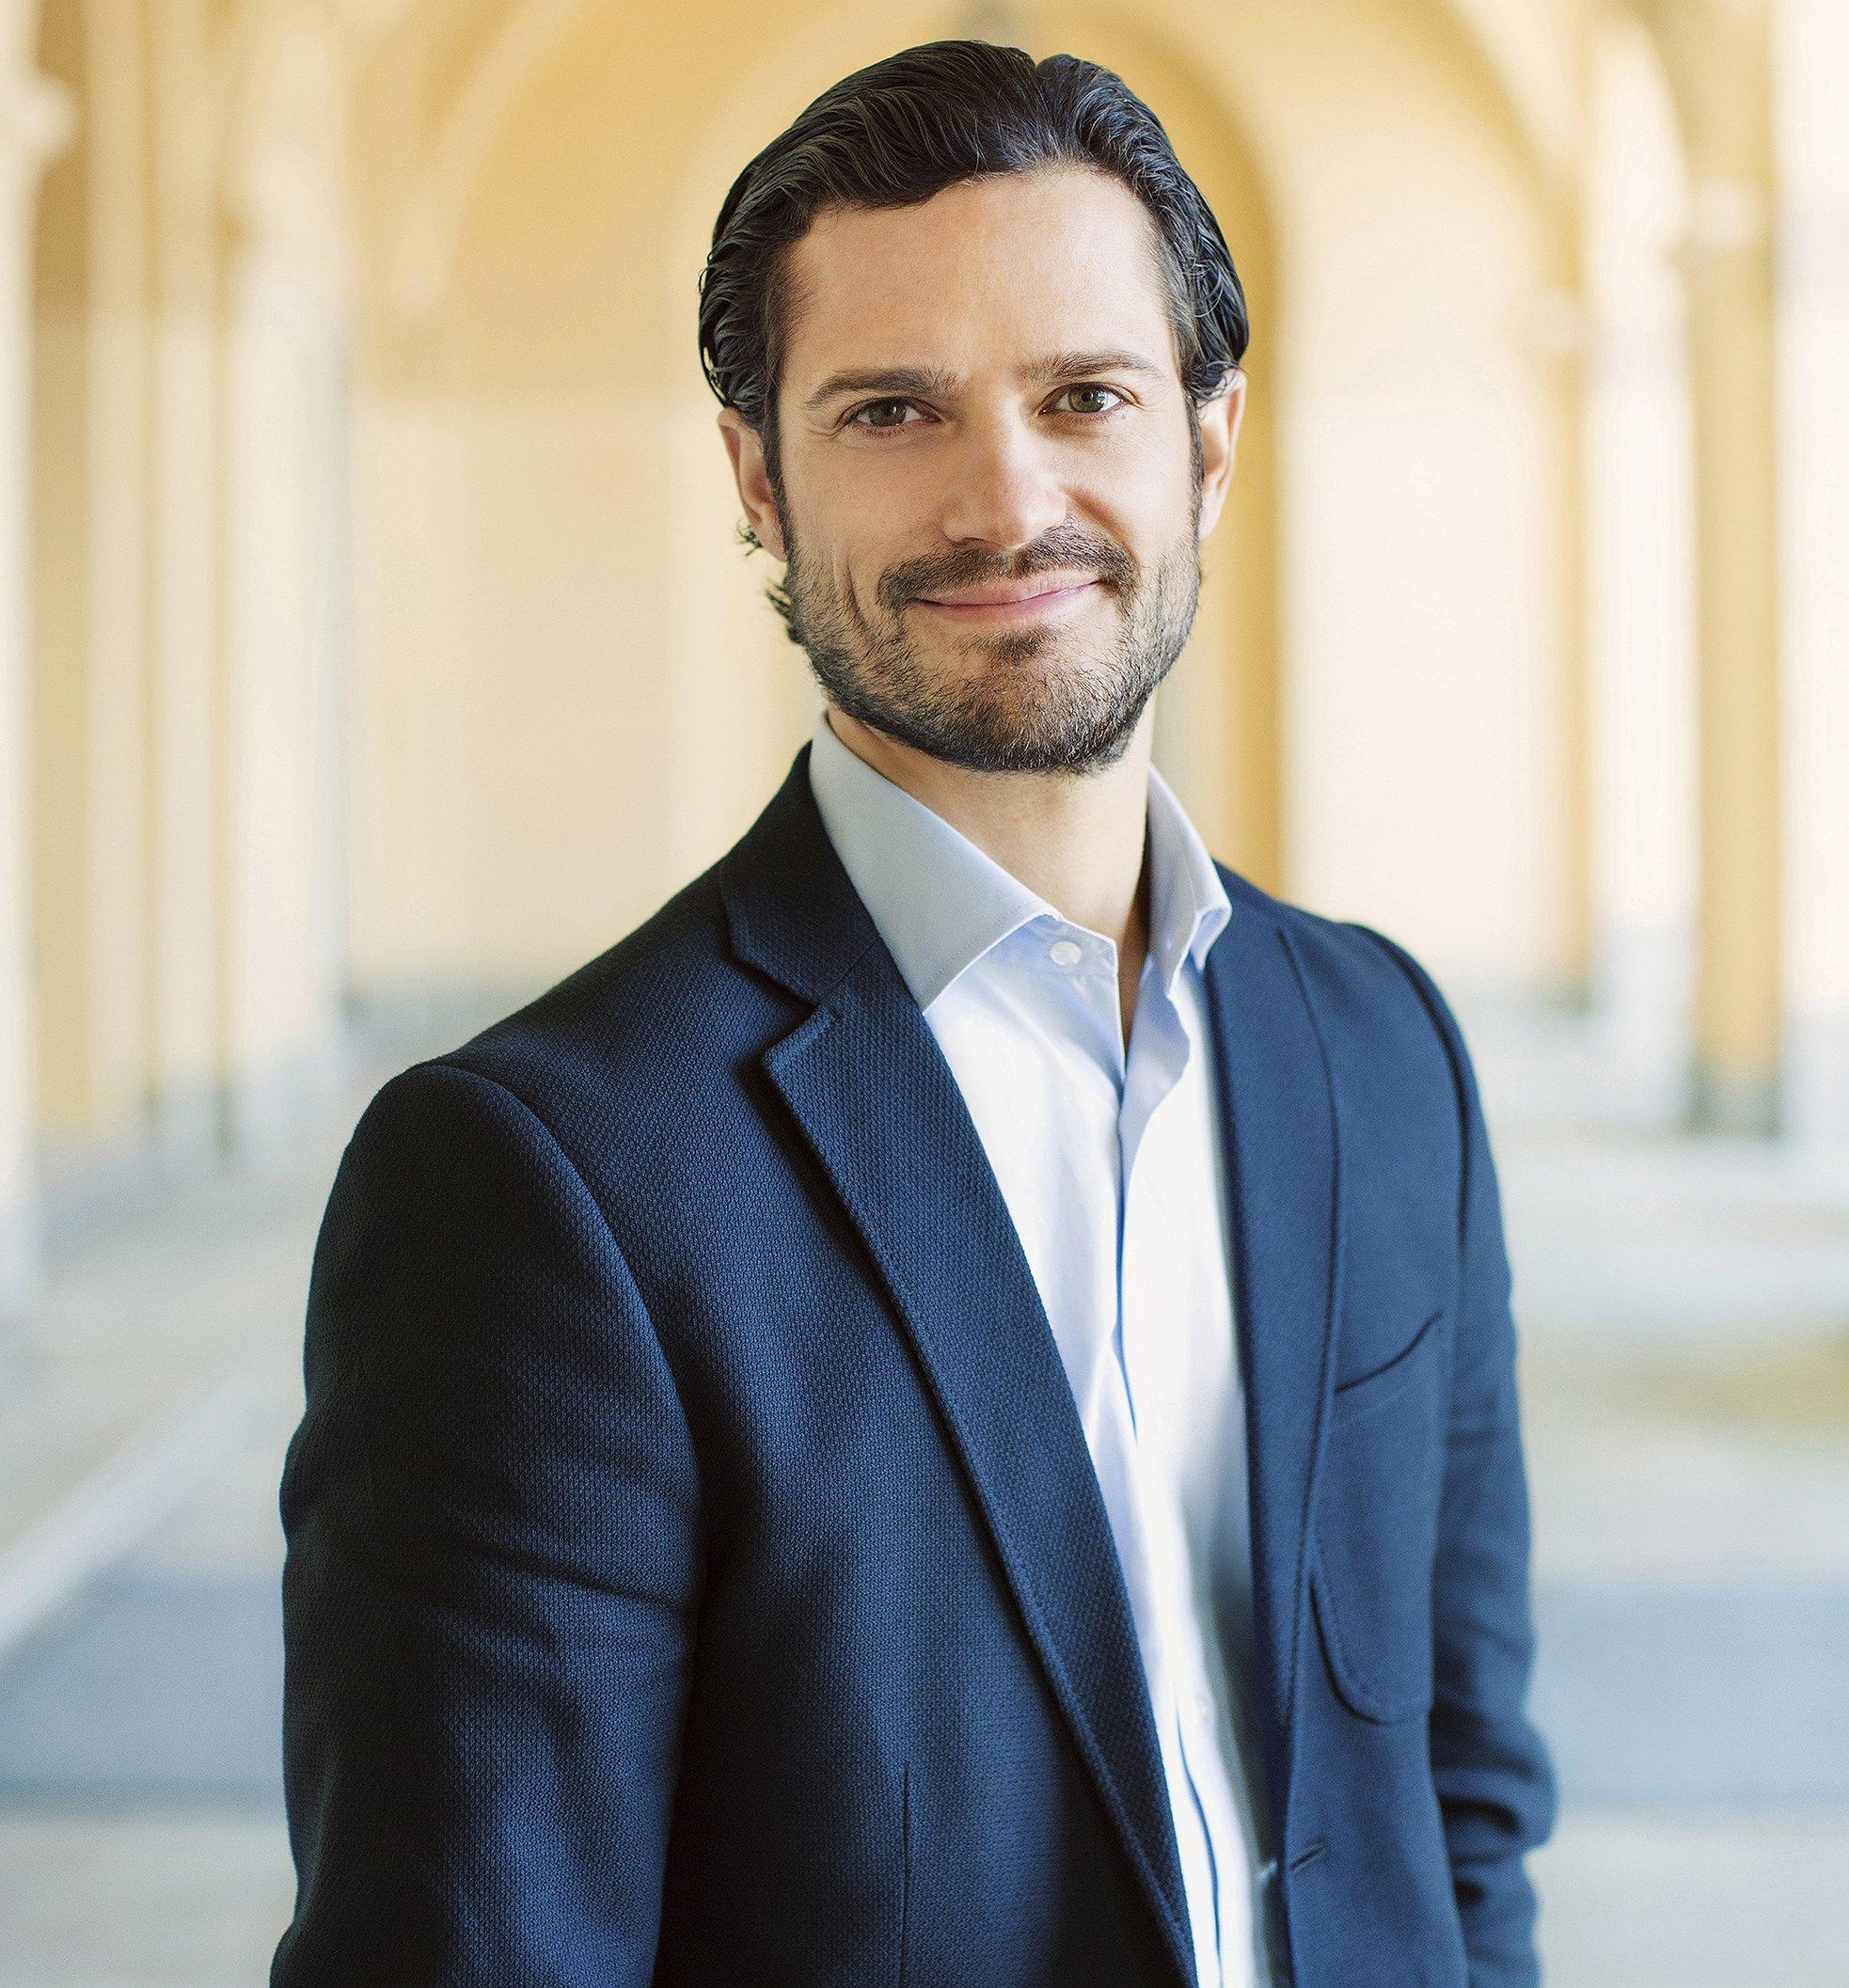 Snoepje van de Week: Prins Carl Philip